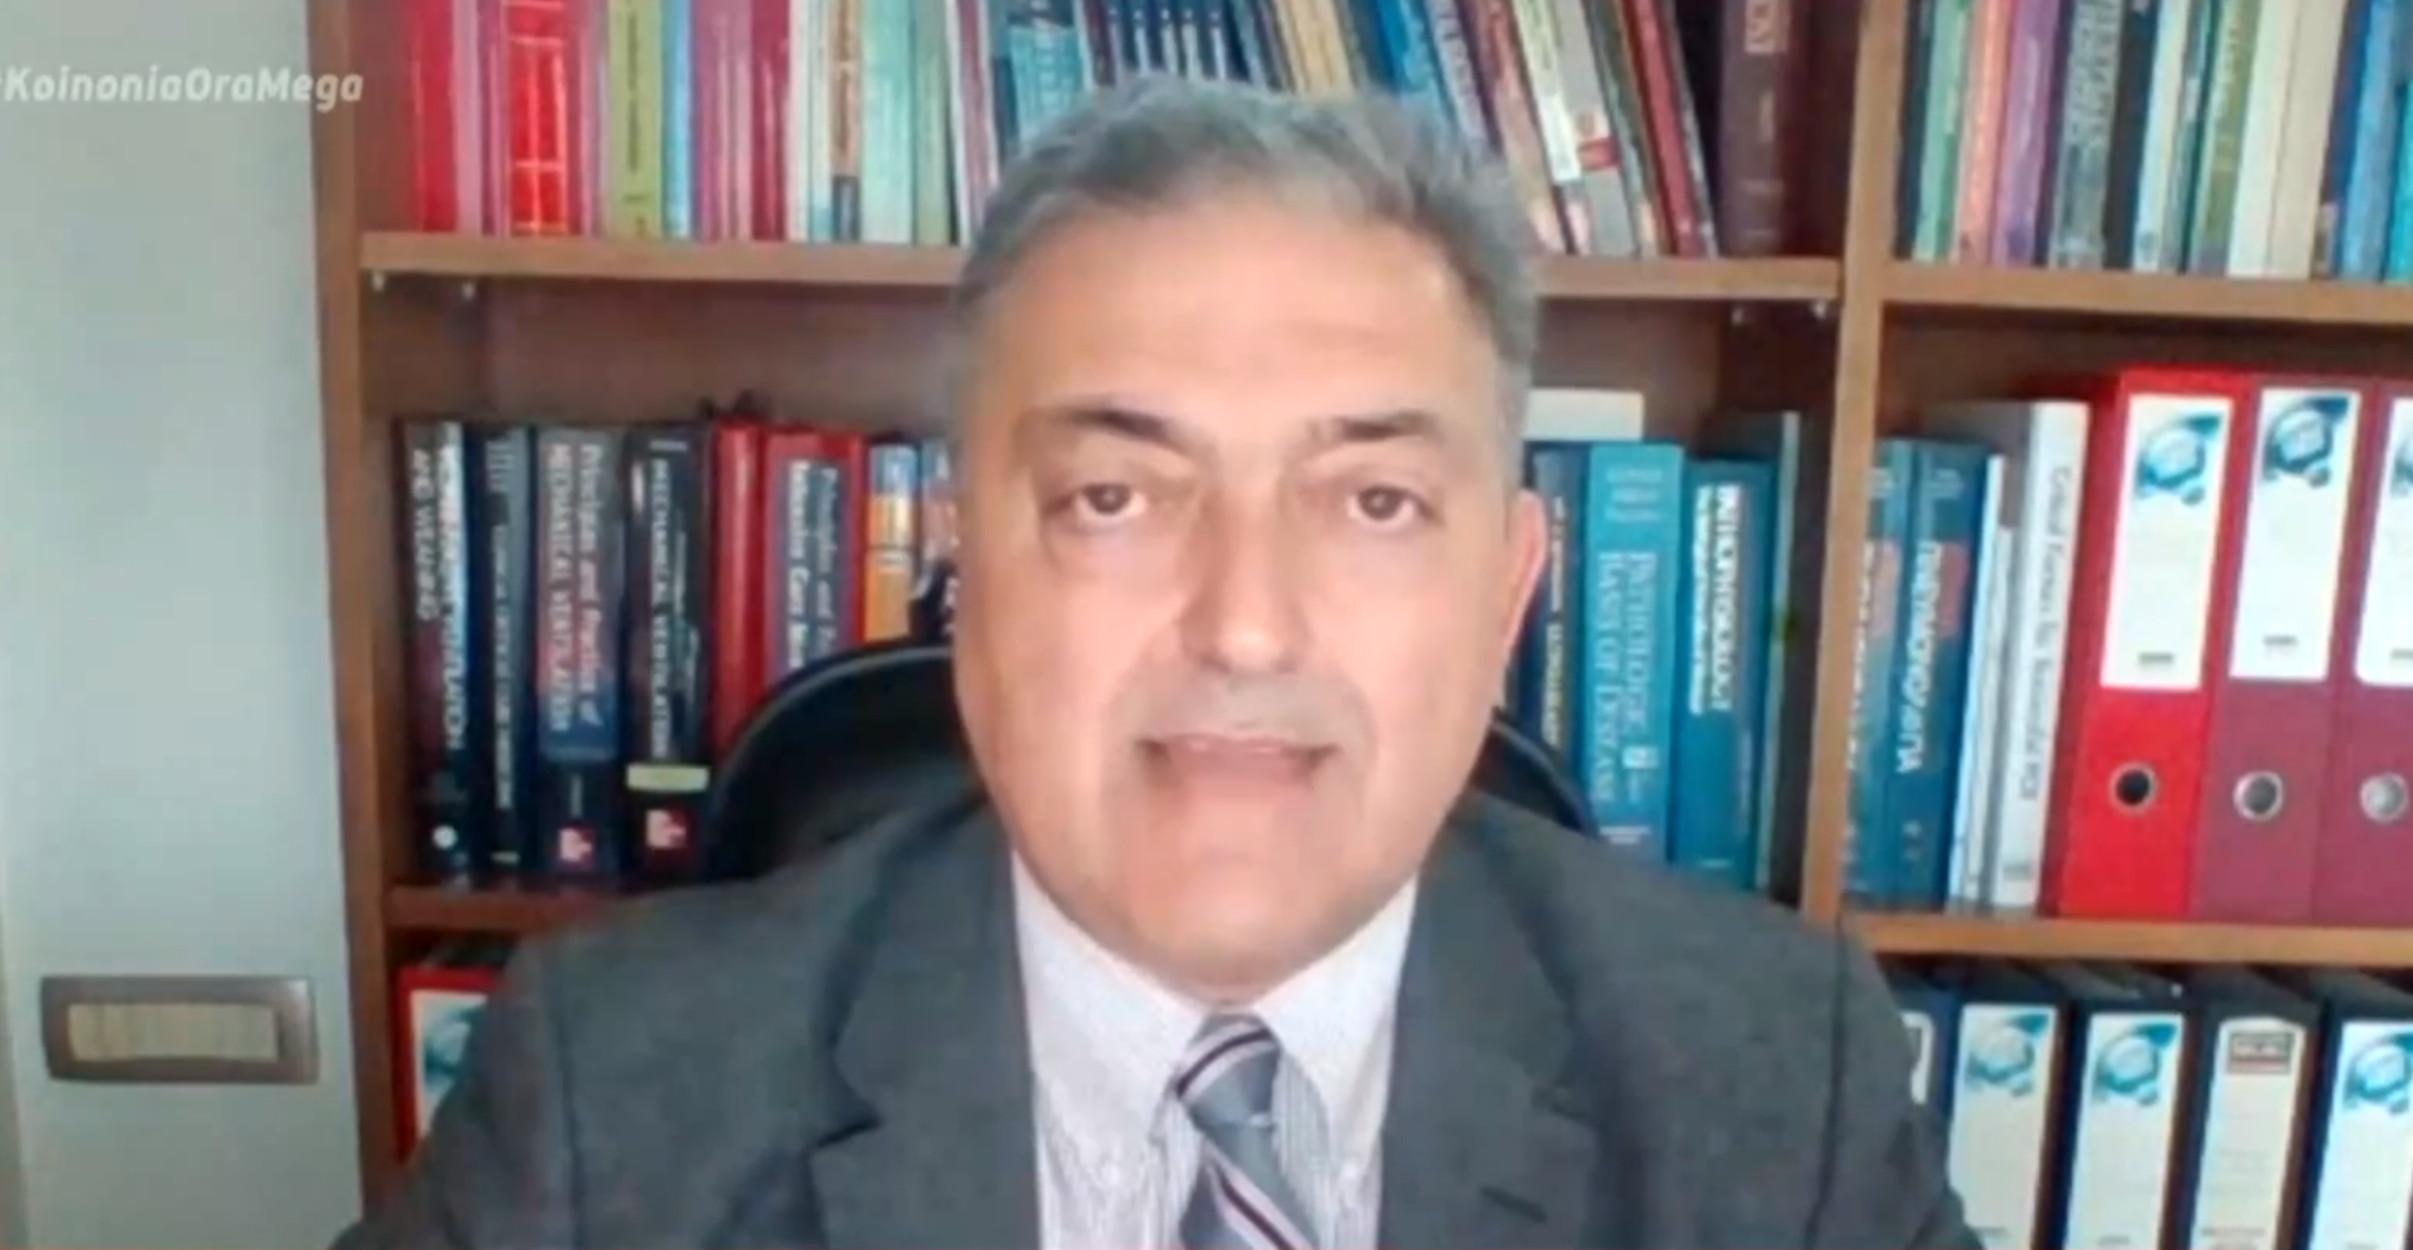 Βασιλακόπουλος για νεκρούς από κορονοϊό: Πέφτει στον γκρεμό κάθε μέρα ένα λεωφορείο